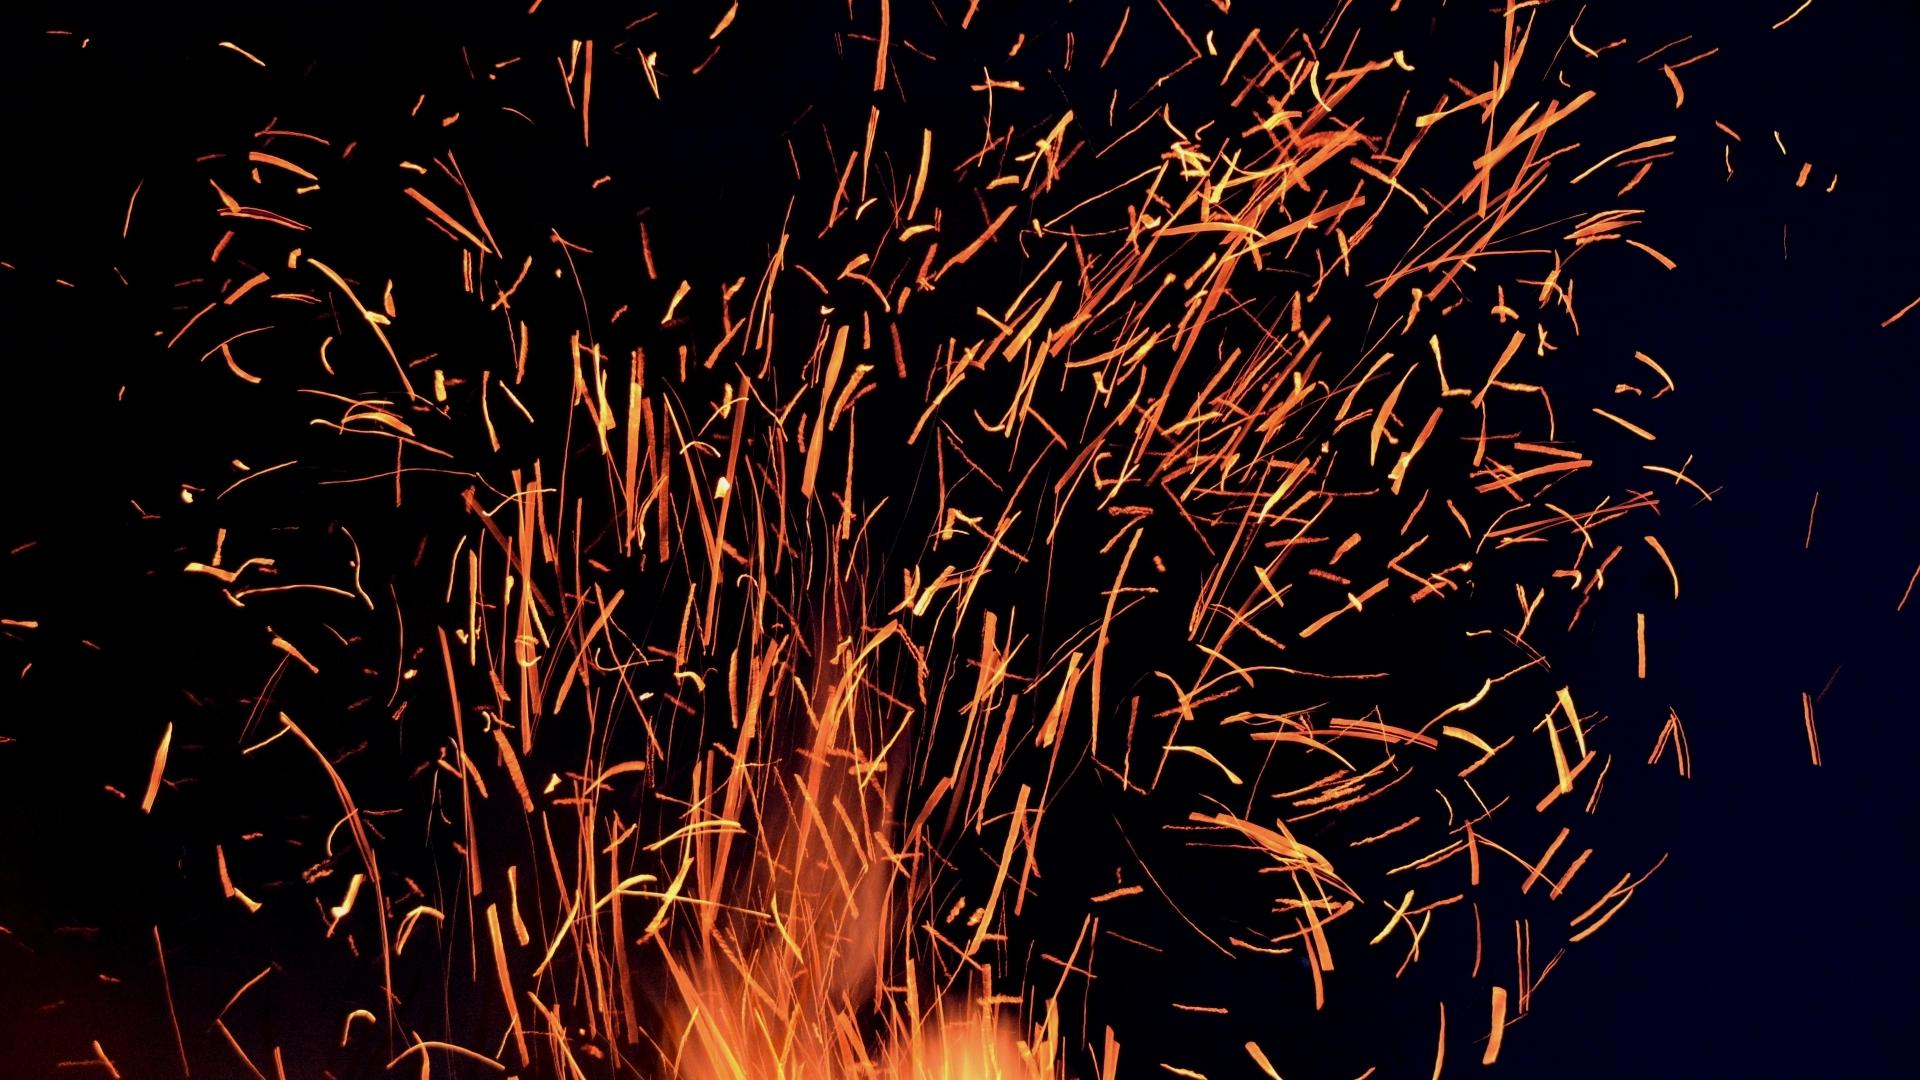 Feuer, Funken, pixabay, pexels.com